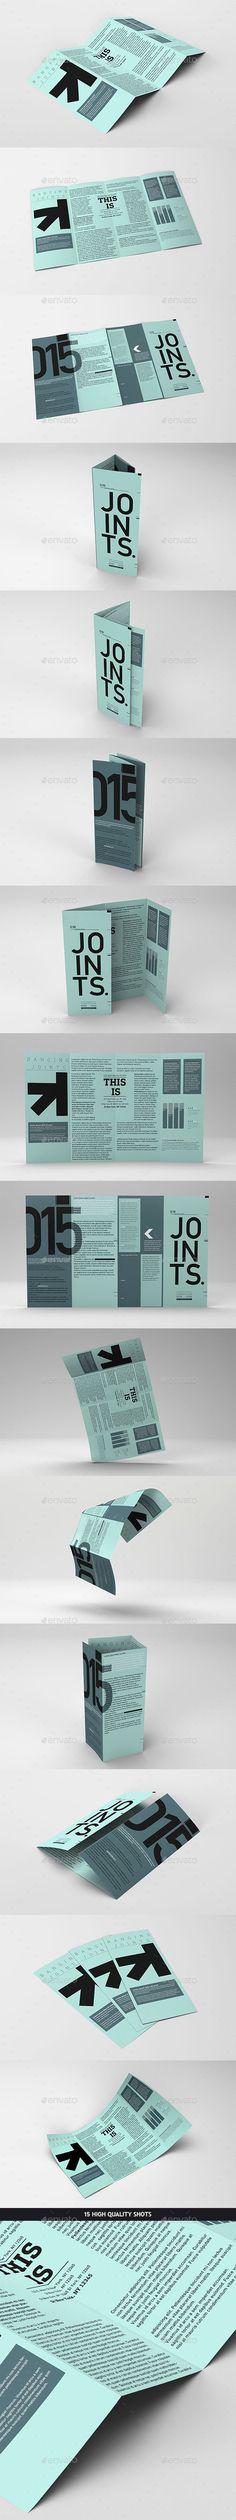 Mailing dla pracujpl Direct Mail Pinterest D - gate fold brochure mockup